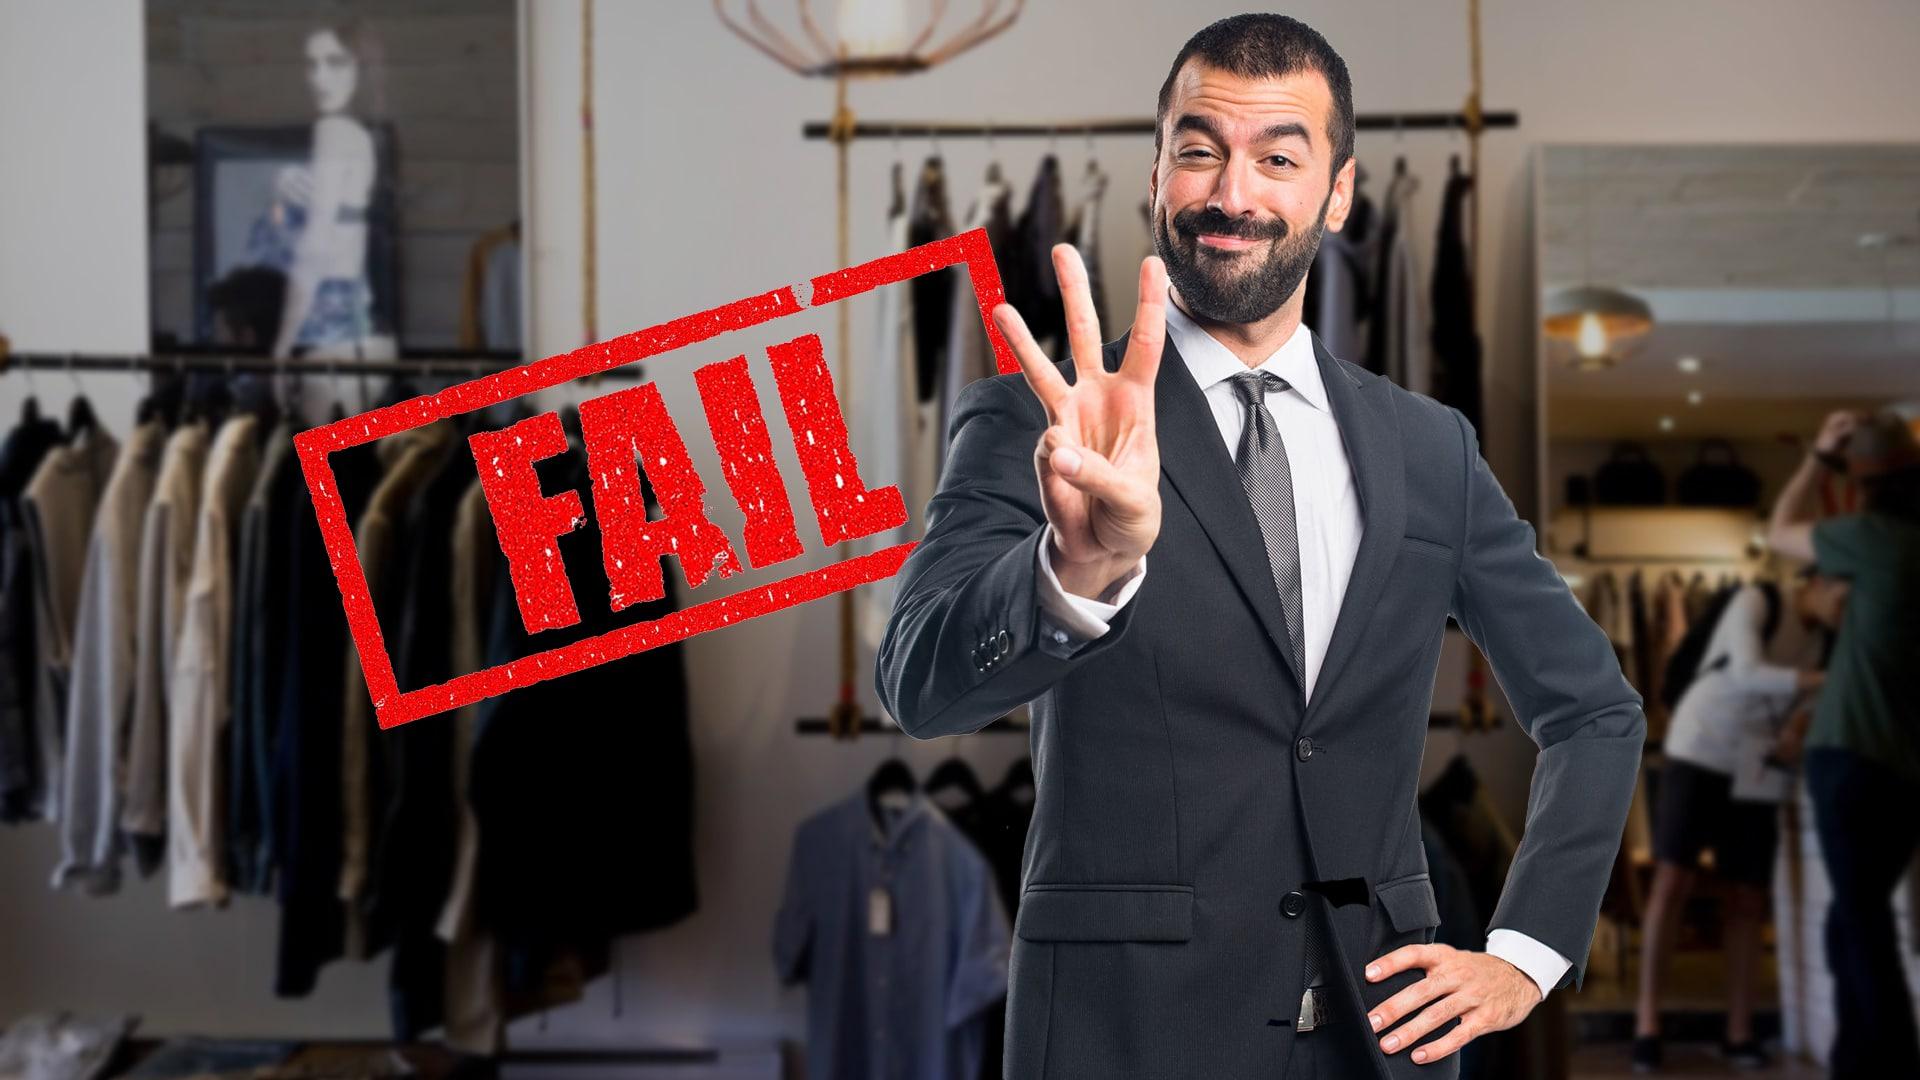 שלושת הסיבות שבגללן מועדוני לקוחות נכשלים